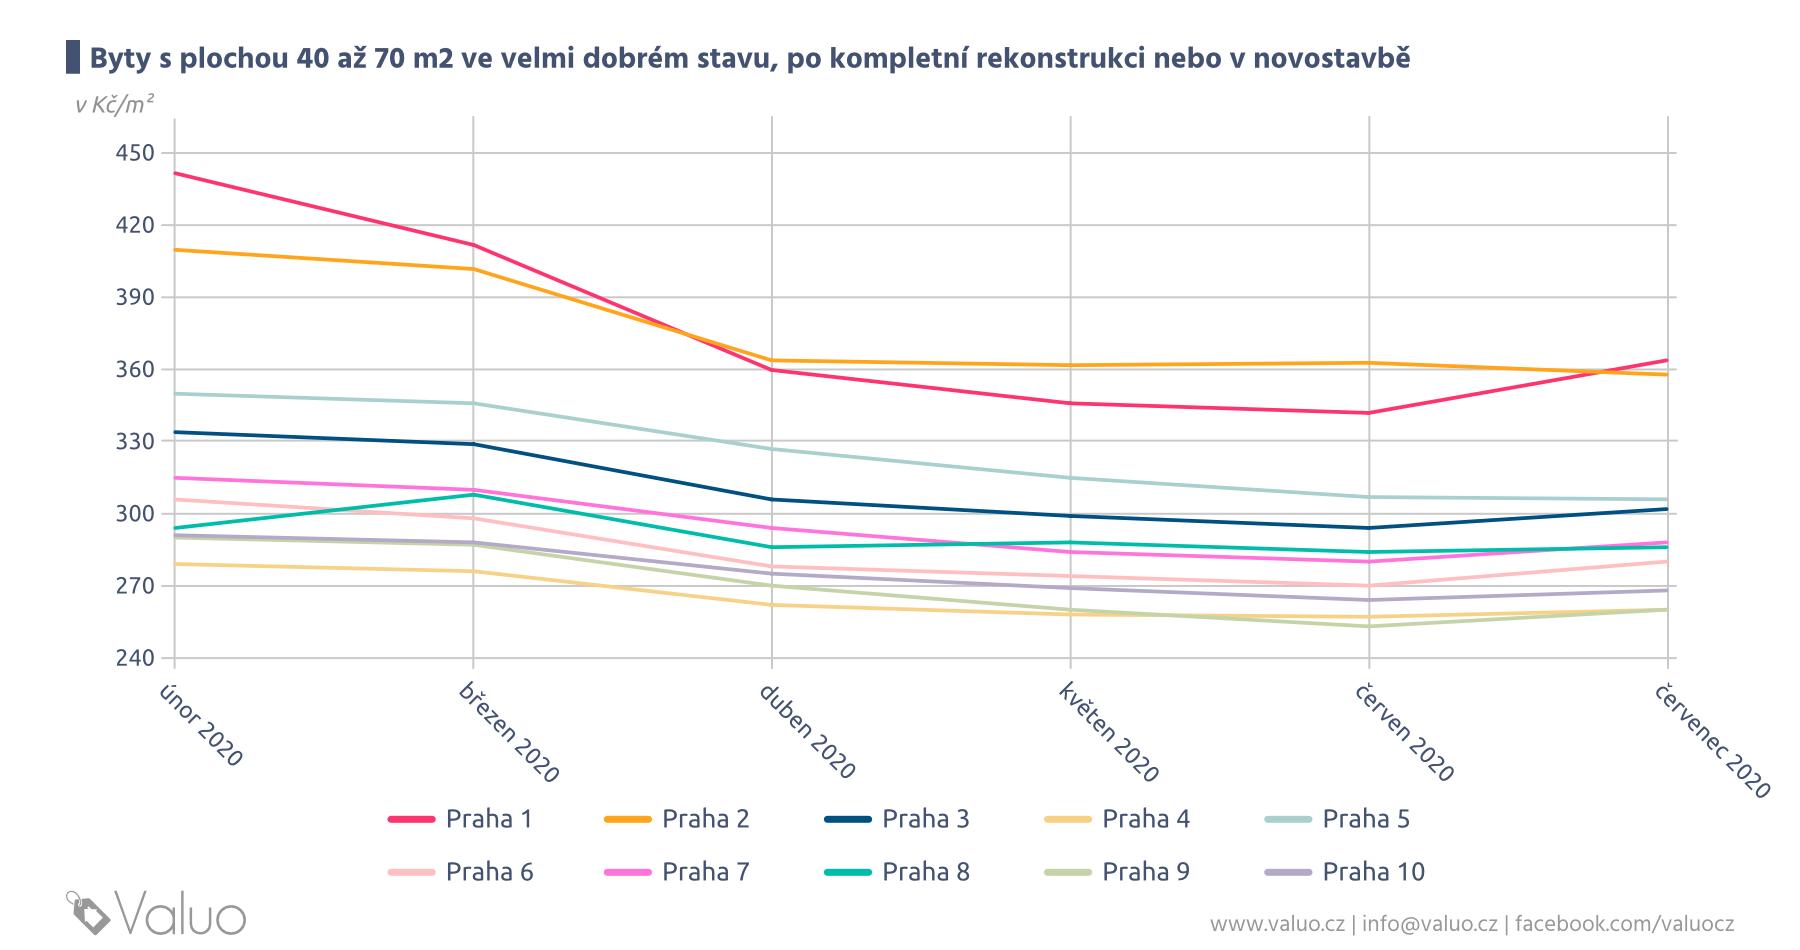 Vývoj cen bytů k pronájmu v Praze